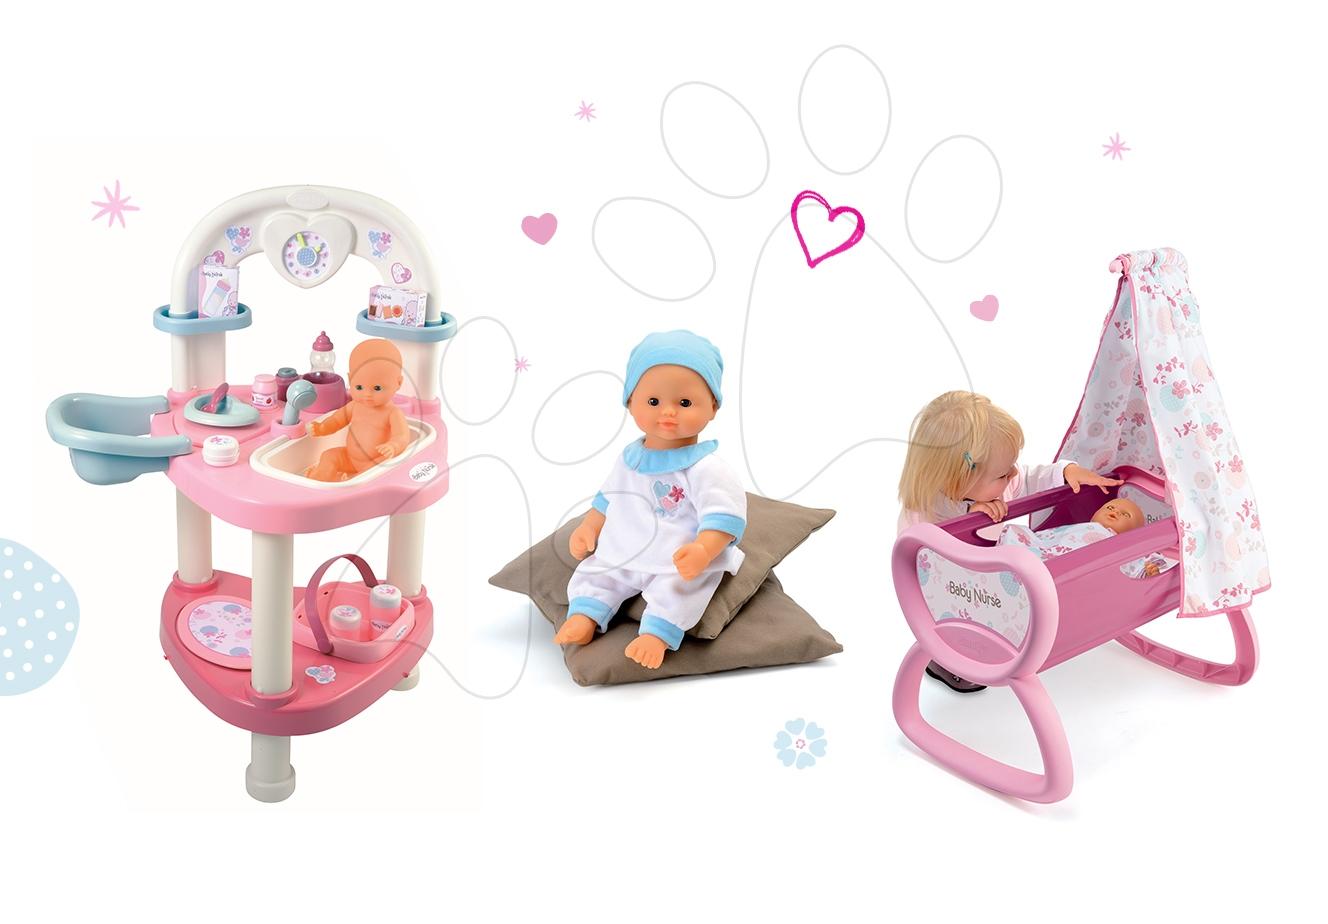 Domčeky pre bábiky sety - Set prebaľovací stôl pre bábiku Baby Nurse Srdiečko Smoby kolíska s baldachýnom a bábika v dupačkách 32 cm